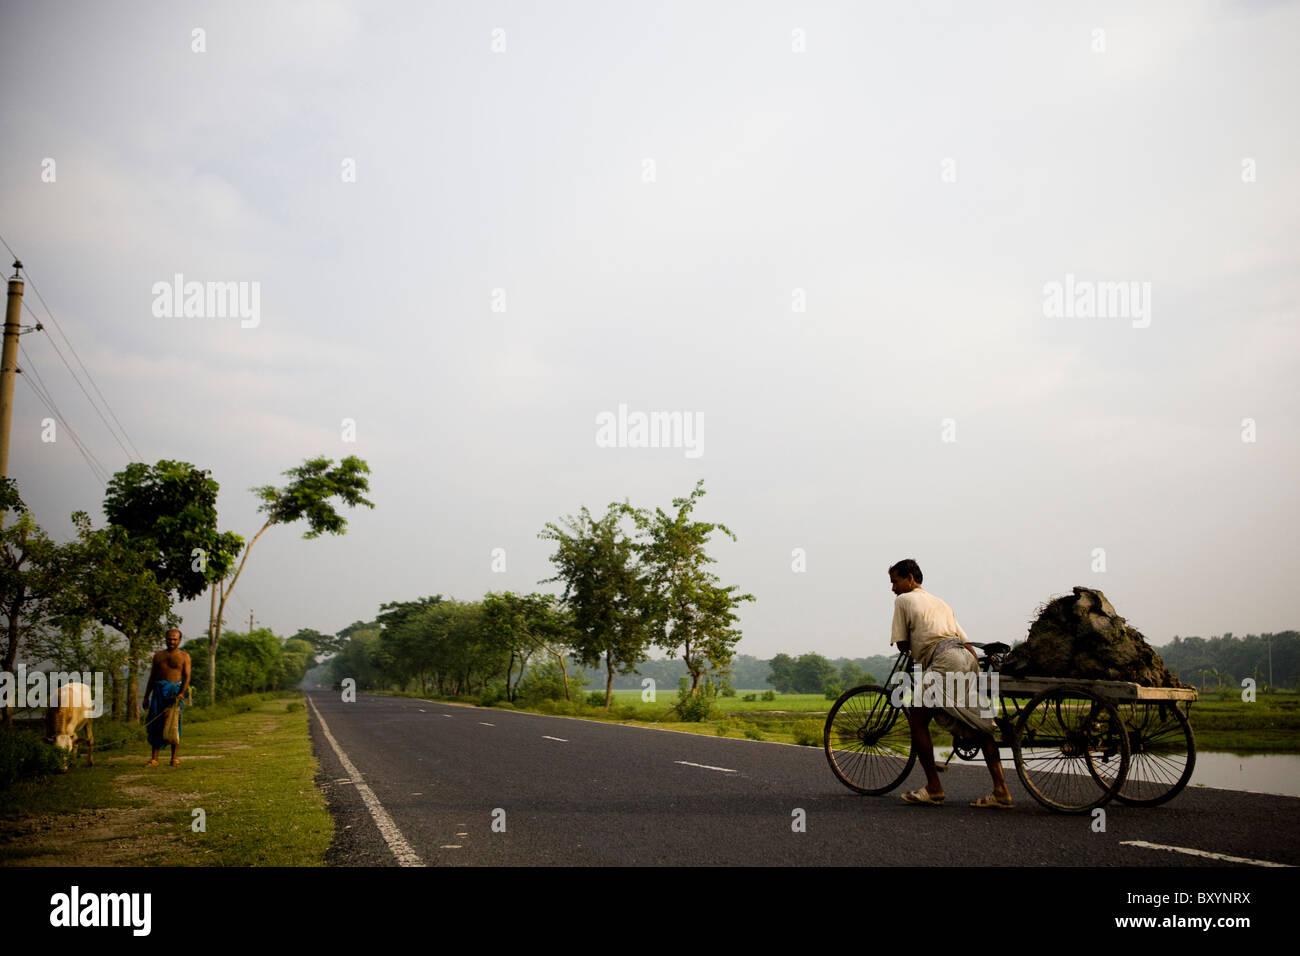 Rural scene in Bangladesh - Stock Image